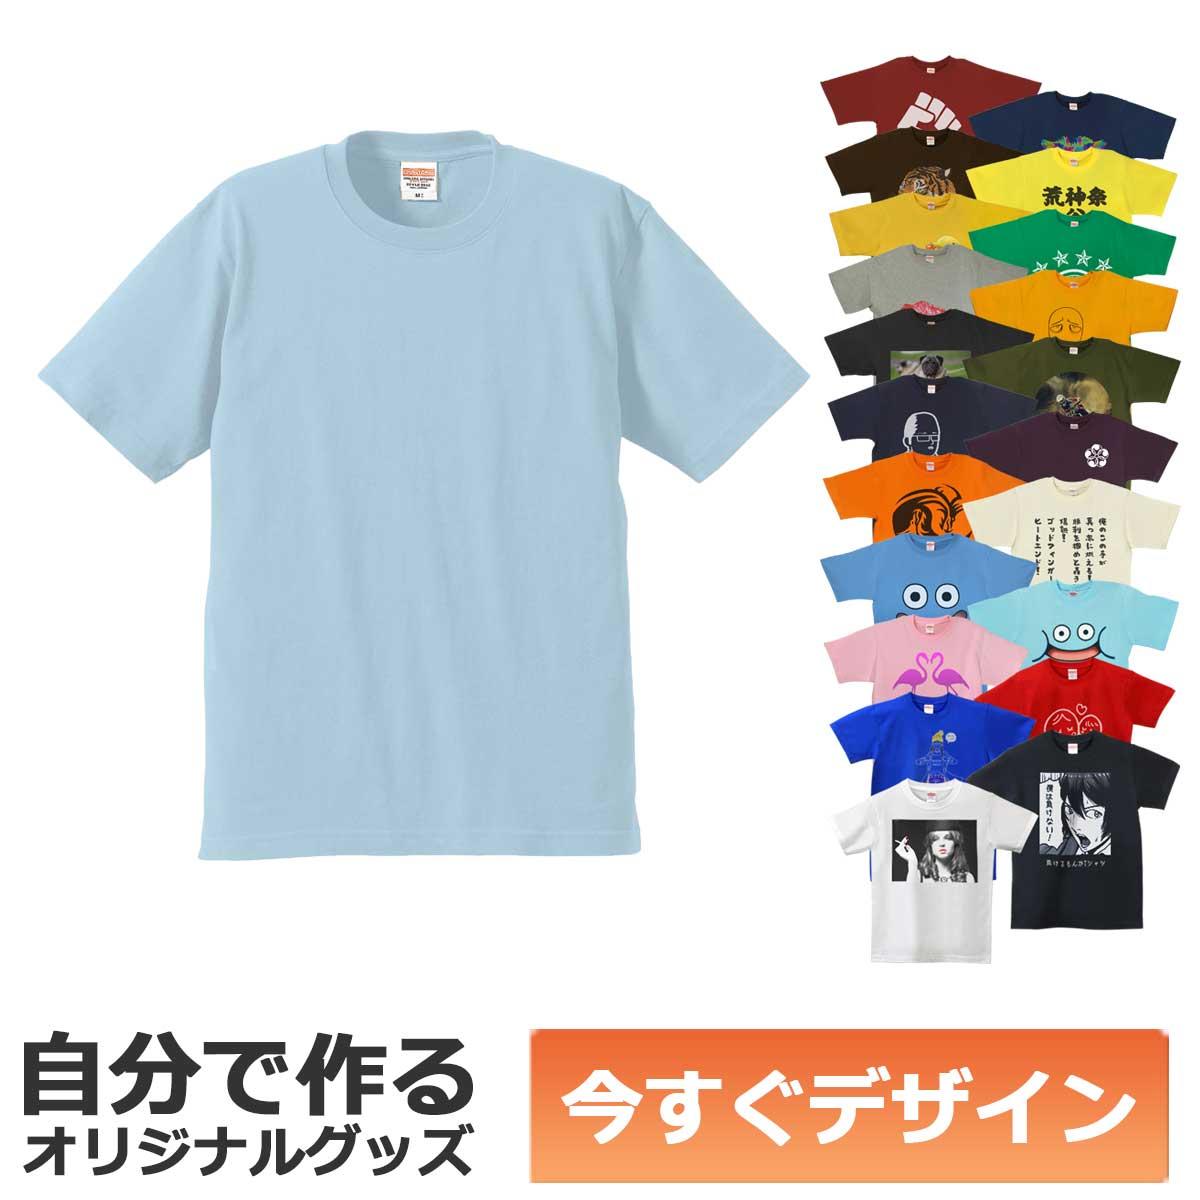 【即納可能】1枚から作れる 自分でデザイン オリジナル Tシャツ ライトブルー 6.2oz プレミアム メール便可